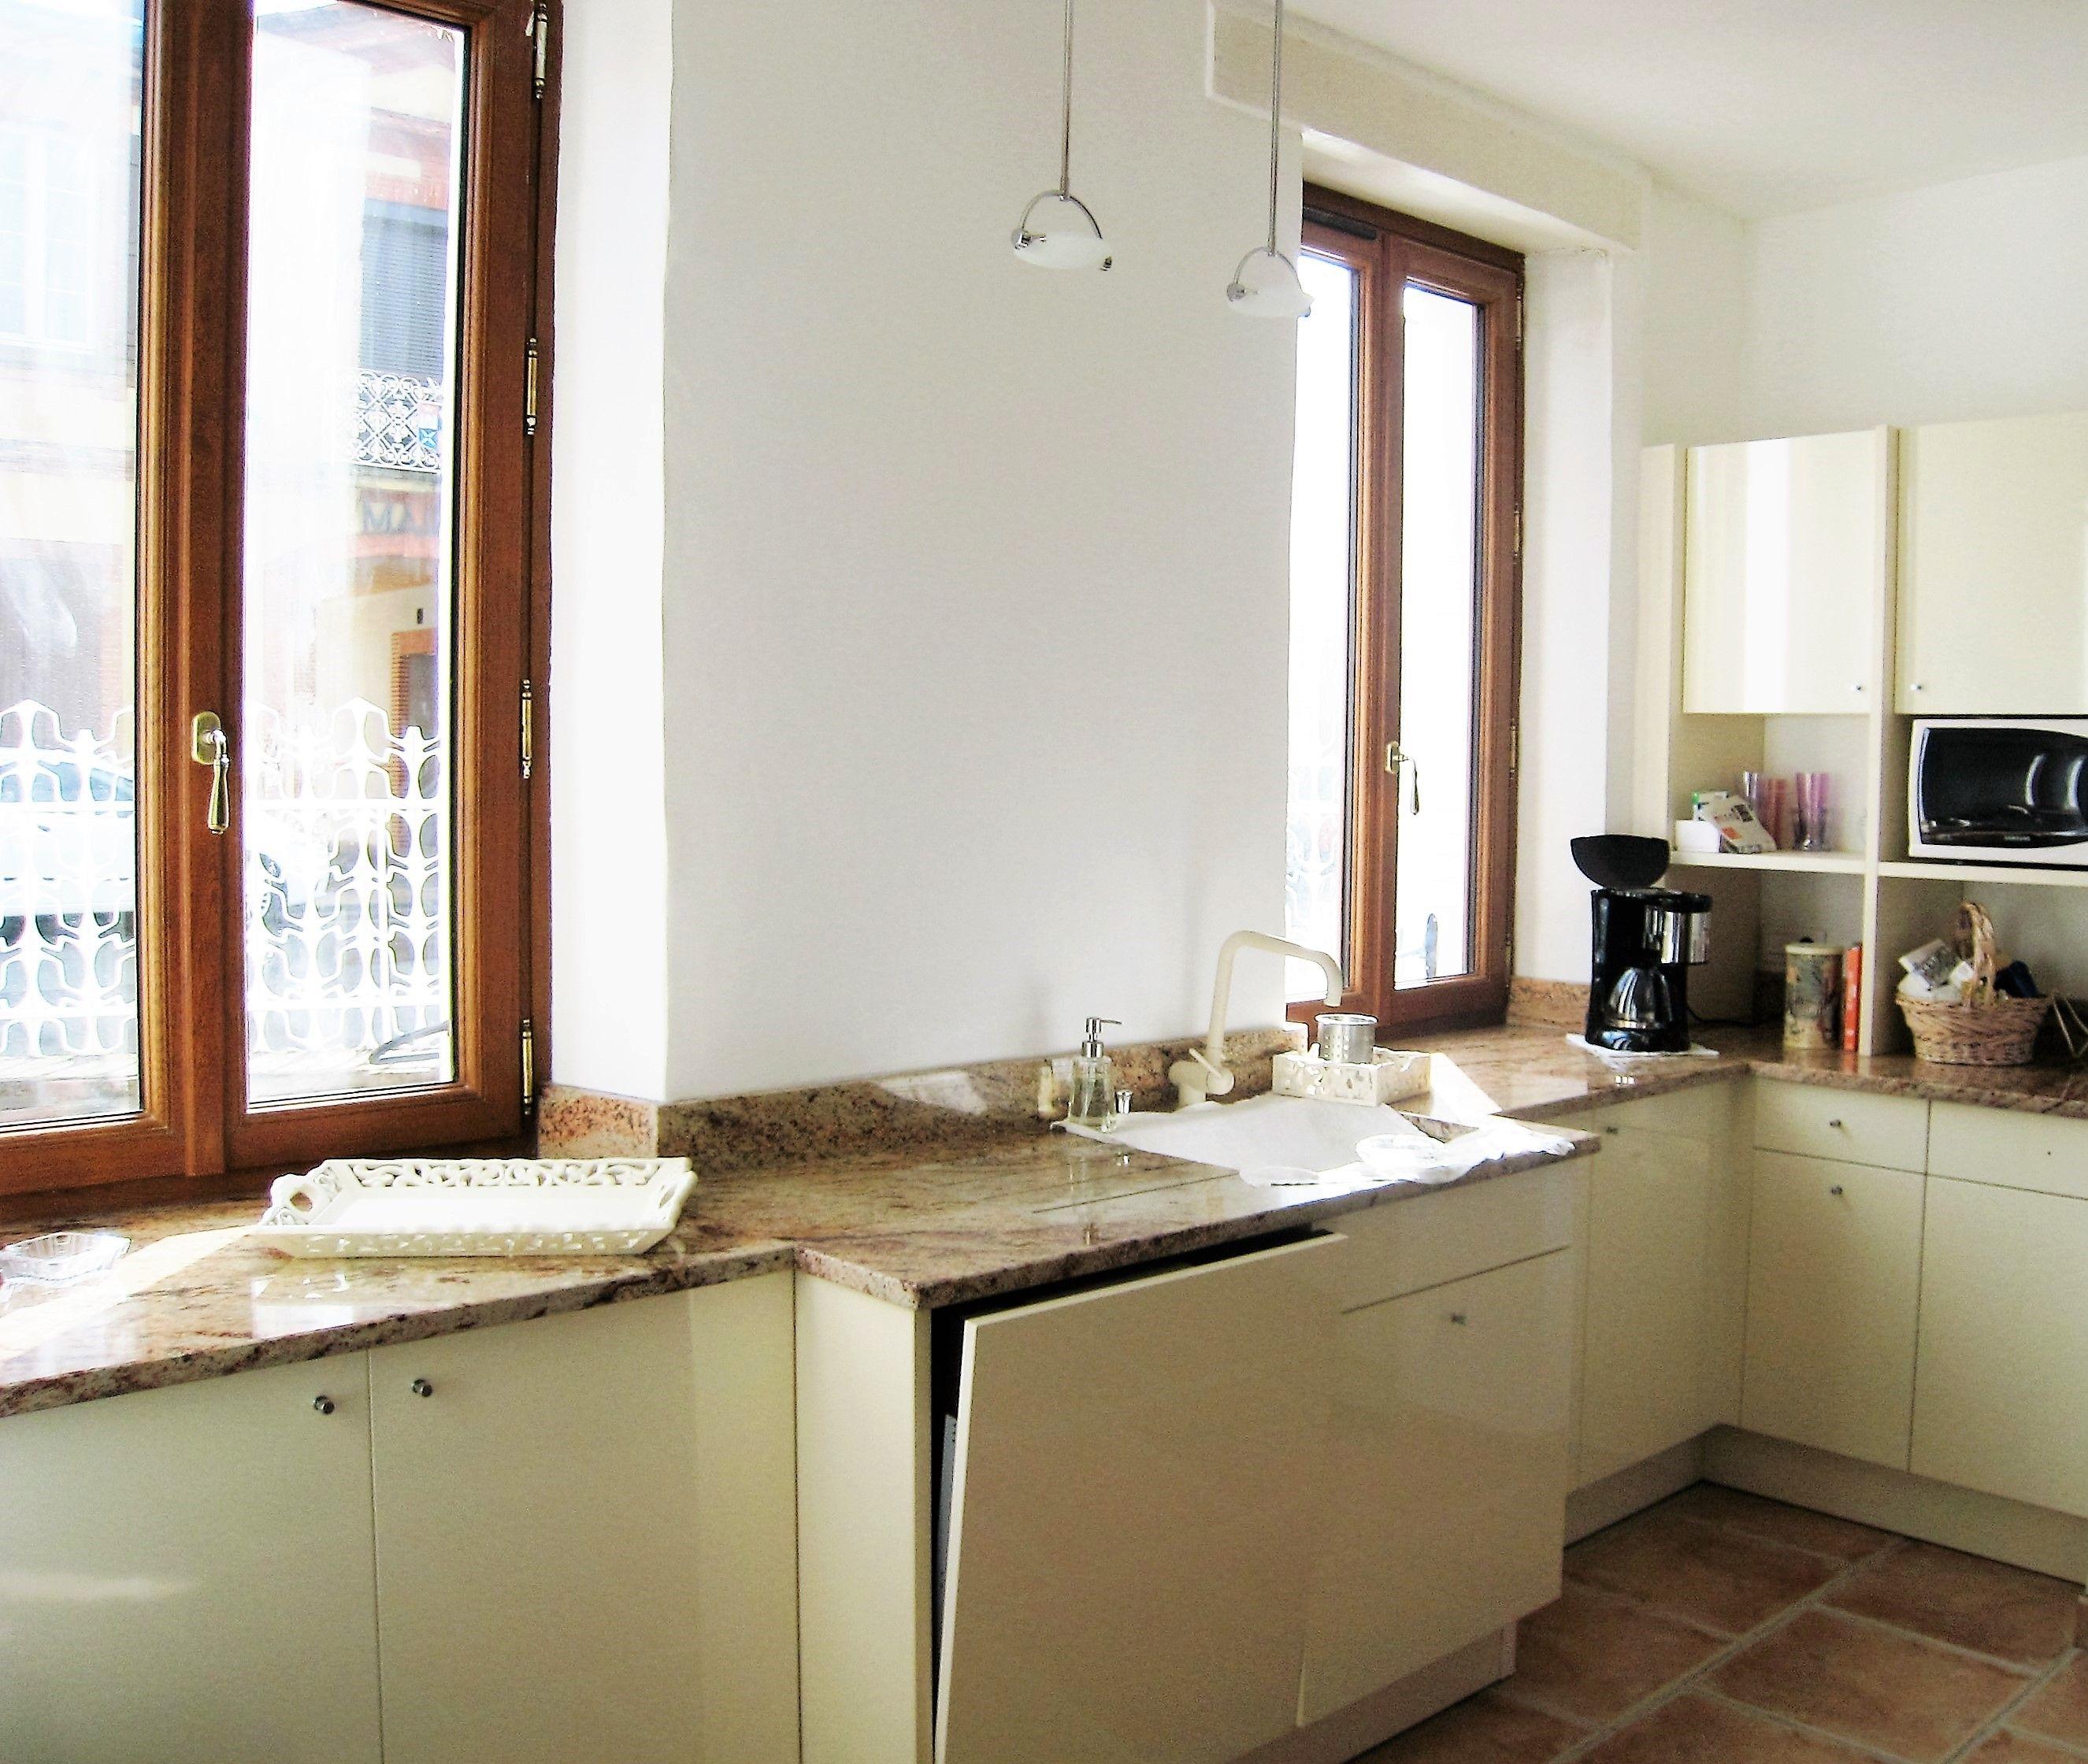 confort et modernit pour cette cuisine de maison ancienne mobilier laqu ivoire sur mesure plan